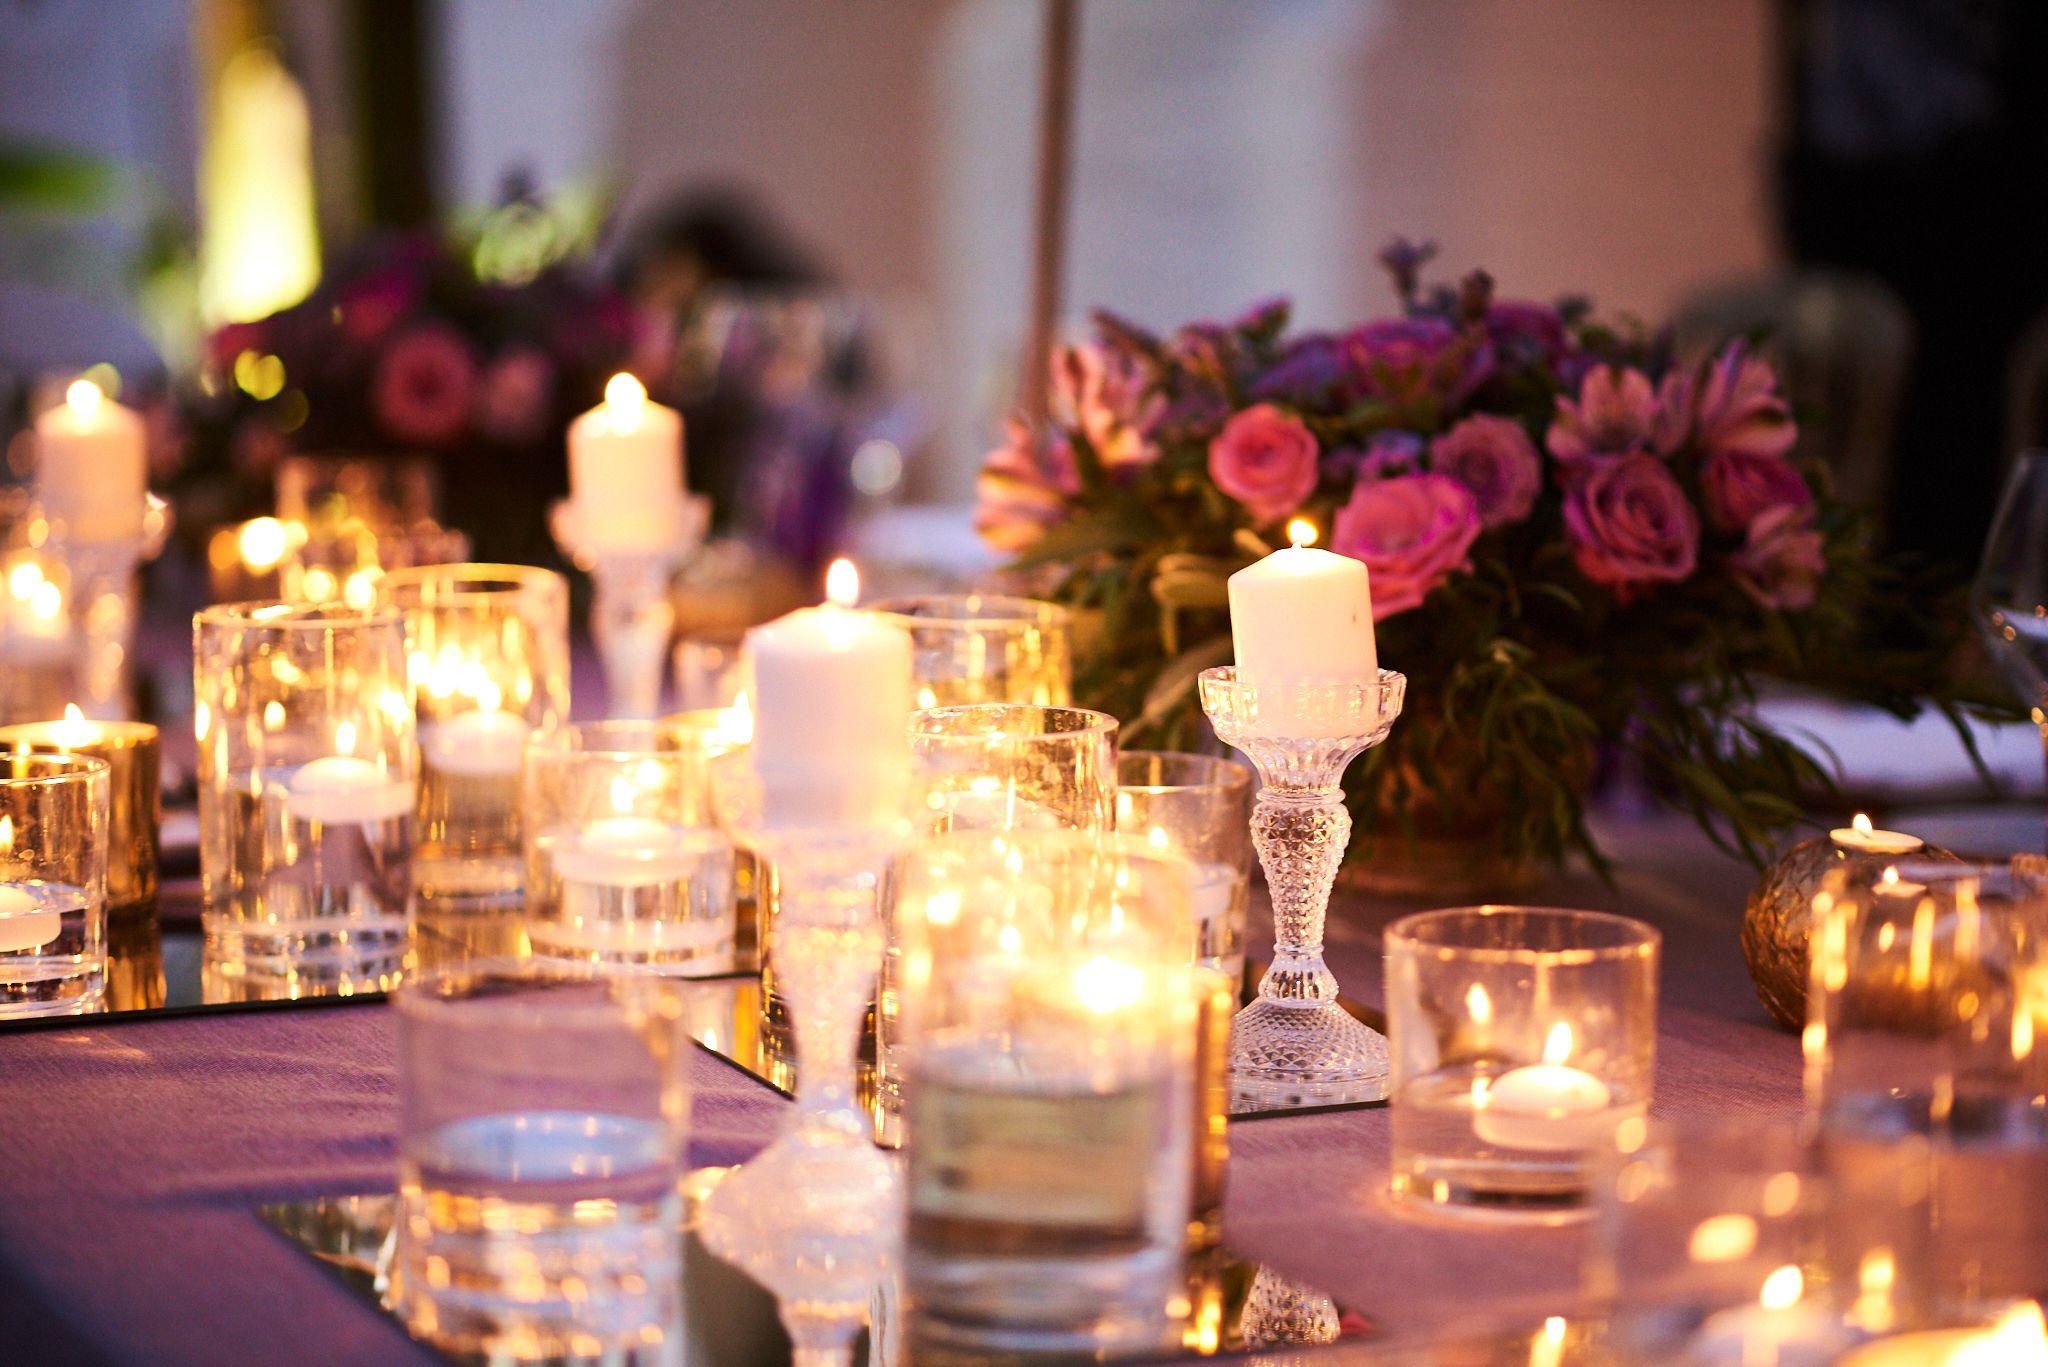 La-22Destination-Wedding22-en-Moguer-de-Lauren-y-JosC3A9-Antonio-JoseAntonio-alejandromarmol2577.jpg